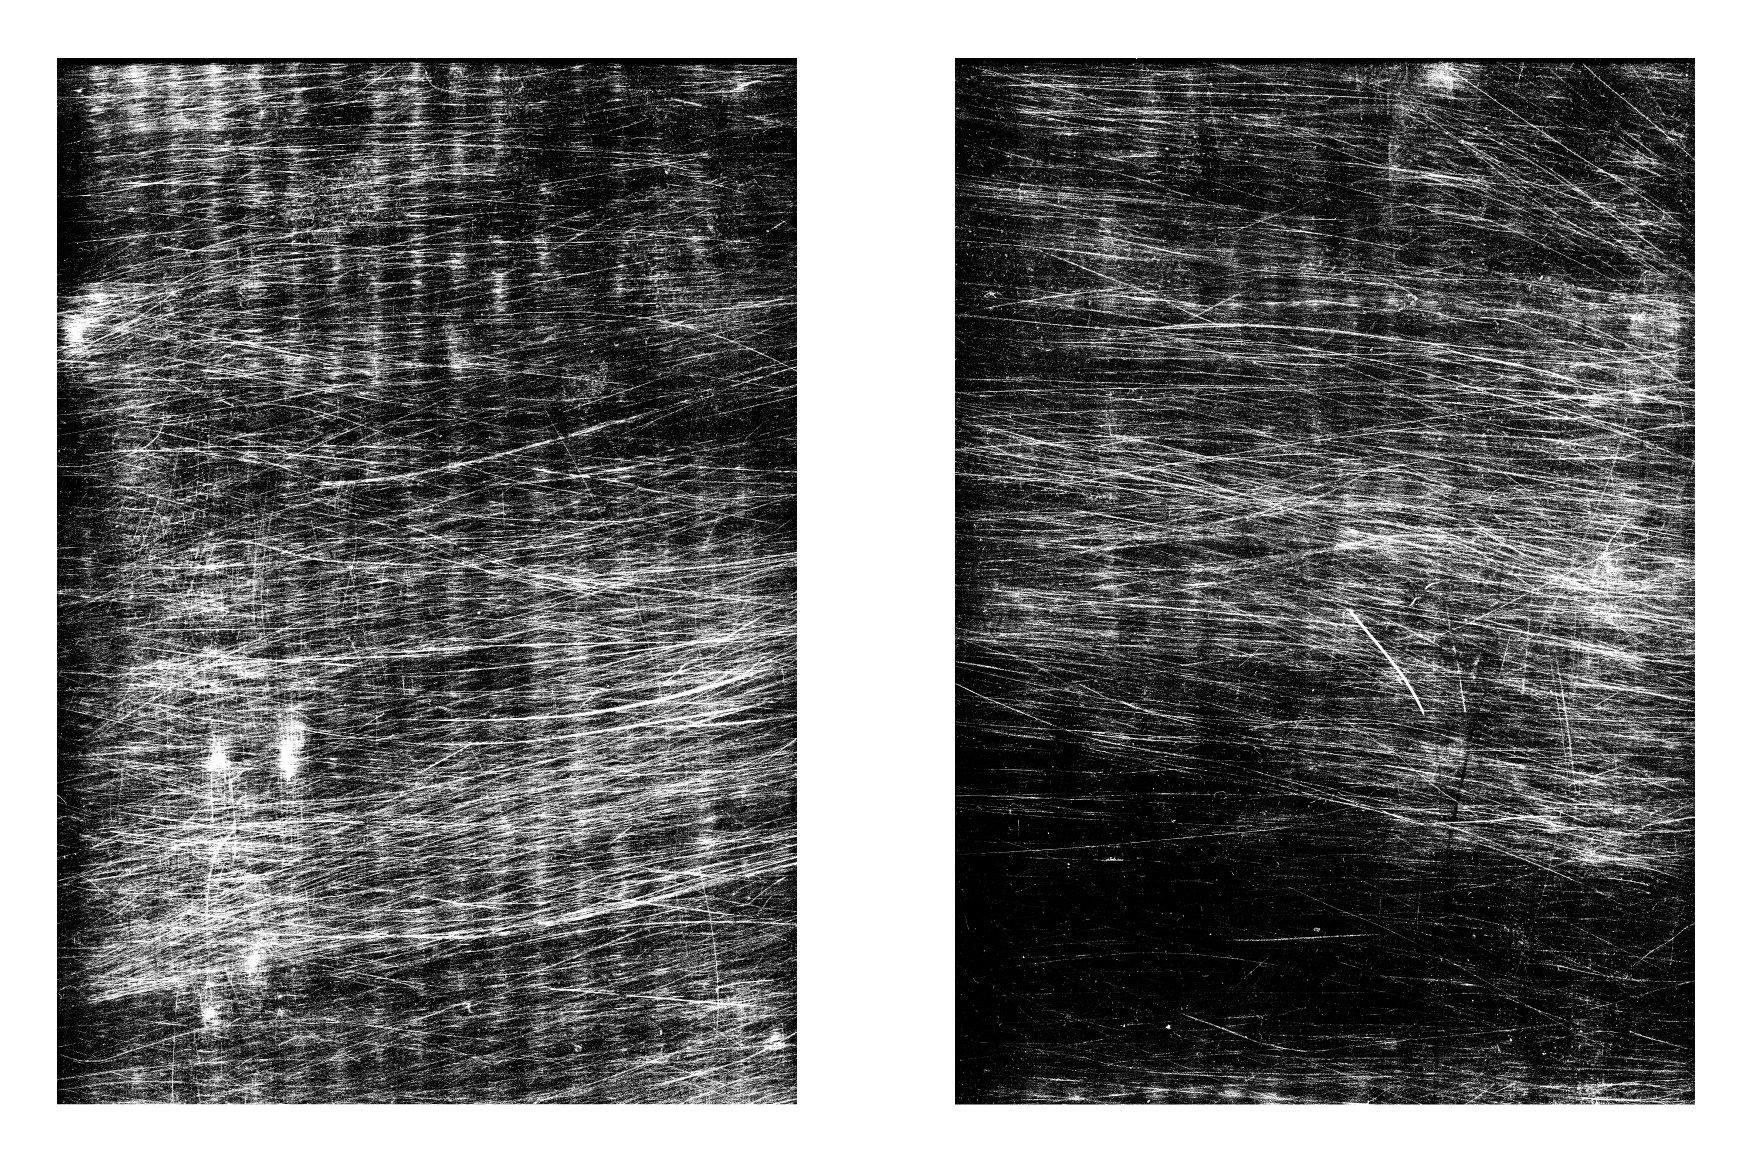 156款复古做旧折痕磨损褶皱纸张背景纹理素材合集 The Grunge Texture Bundle Vol. 1插图(47)